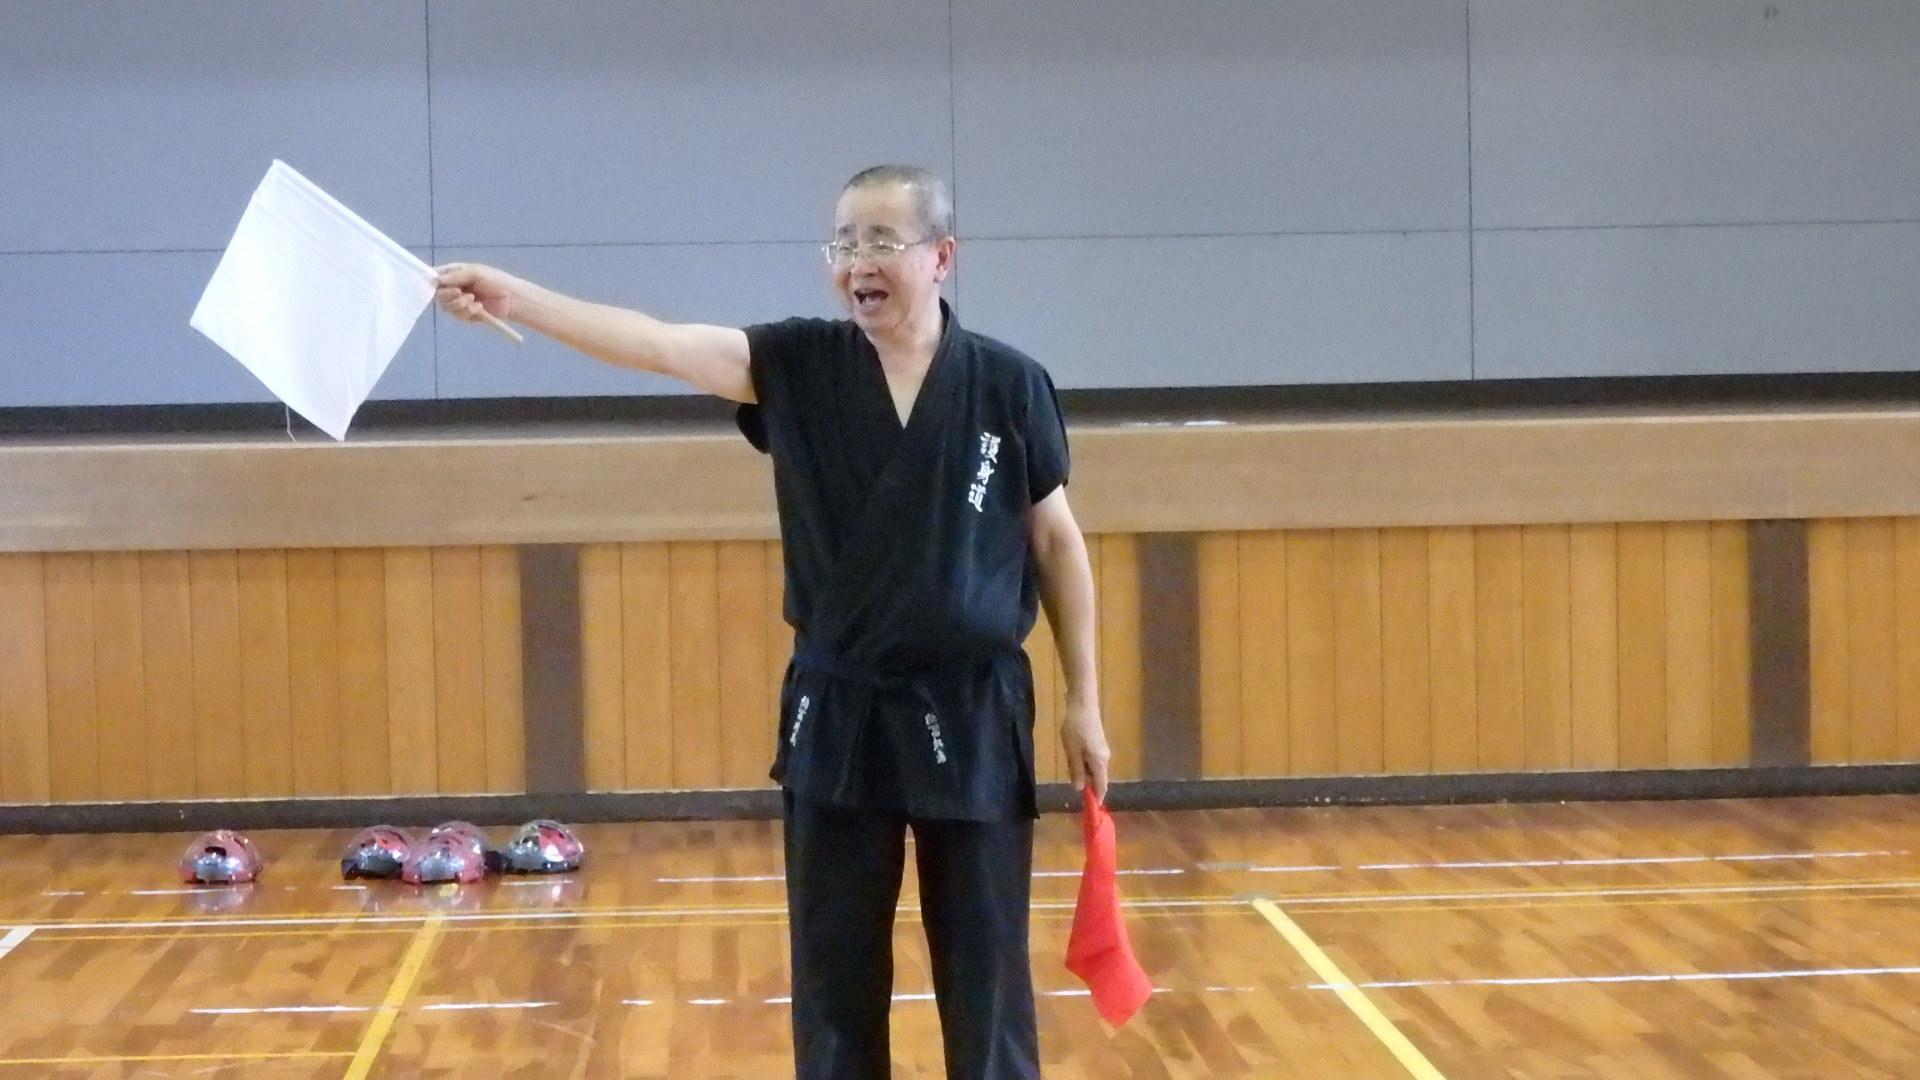 勇ましい剣士誕生!「スポーツチャンバラ + お楽しみ会」_b0239402_17021425.jpg